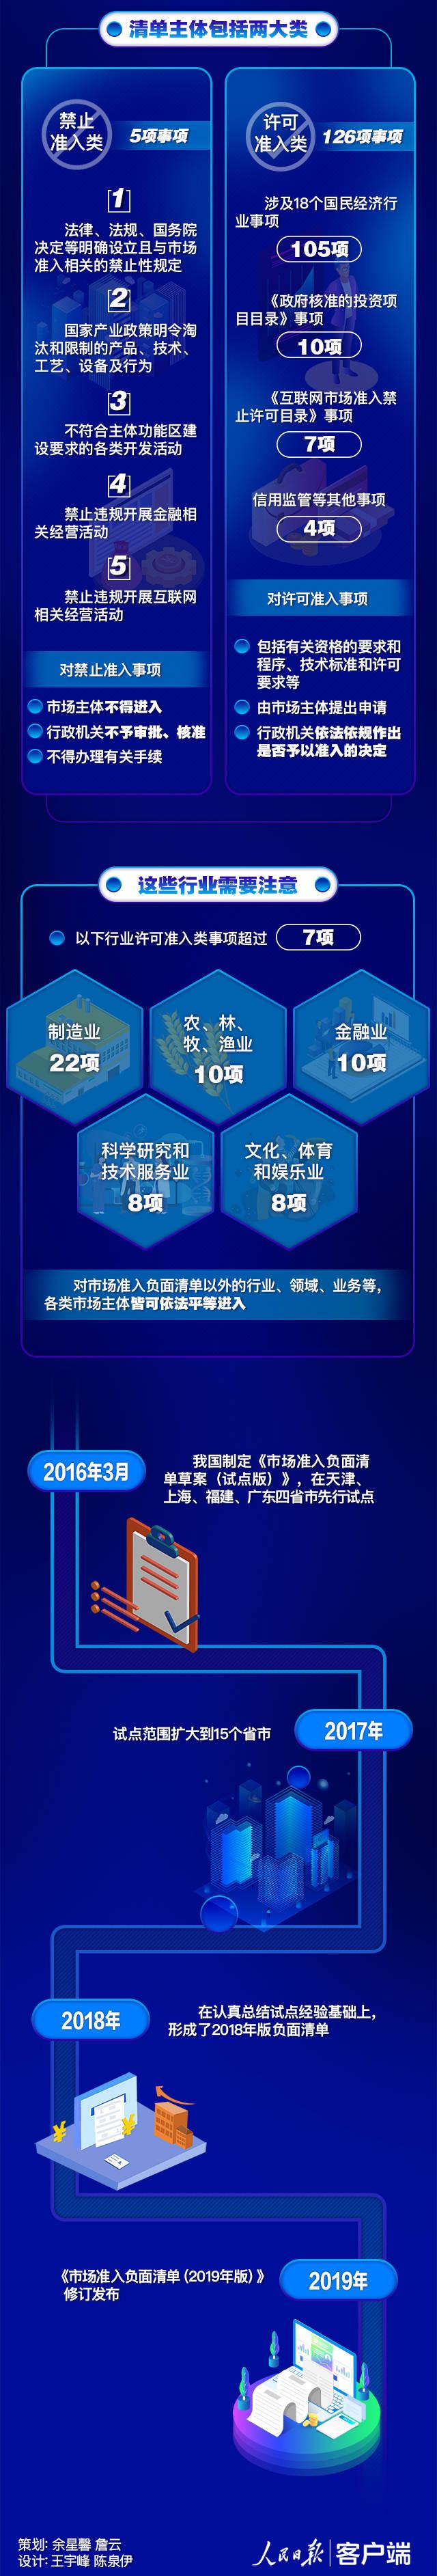 ag亚游国际集团维护,民革聊城市委举办新中国成立暨多党合作制度确立70周年书画笔会和座谈会活动